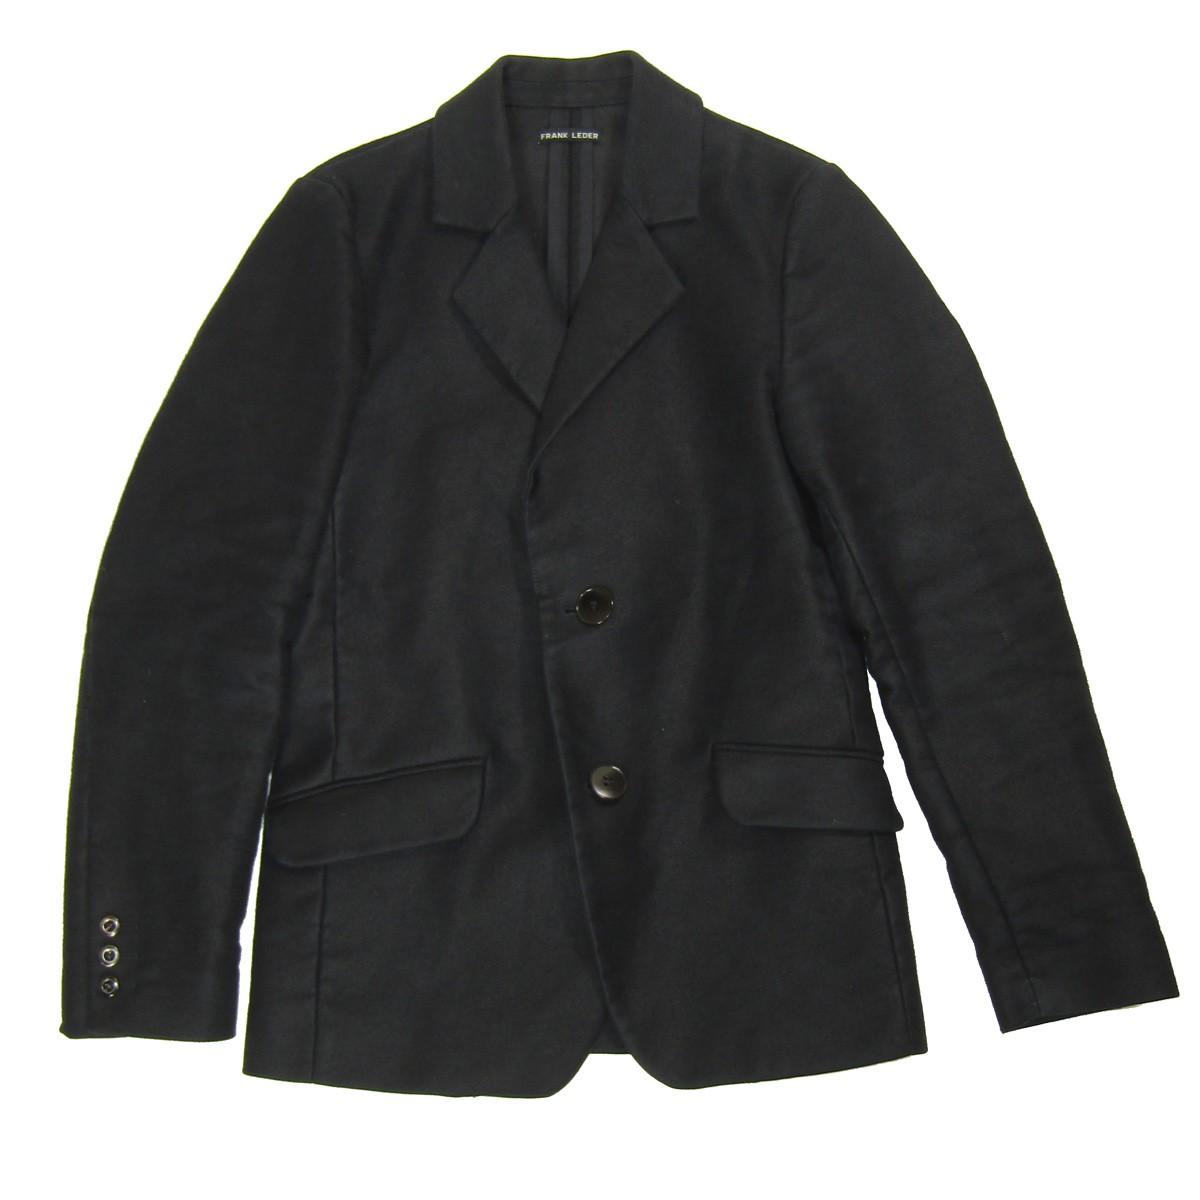 【中古】FRANK LEDER ジャーマンレザージャケット ブラック サイズ:XS 【150520】(フランクリーダー)